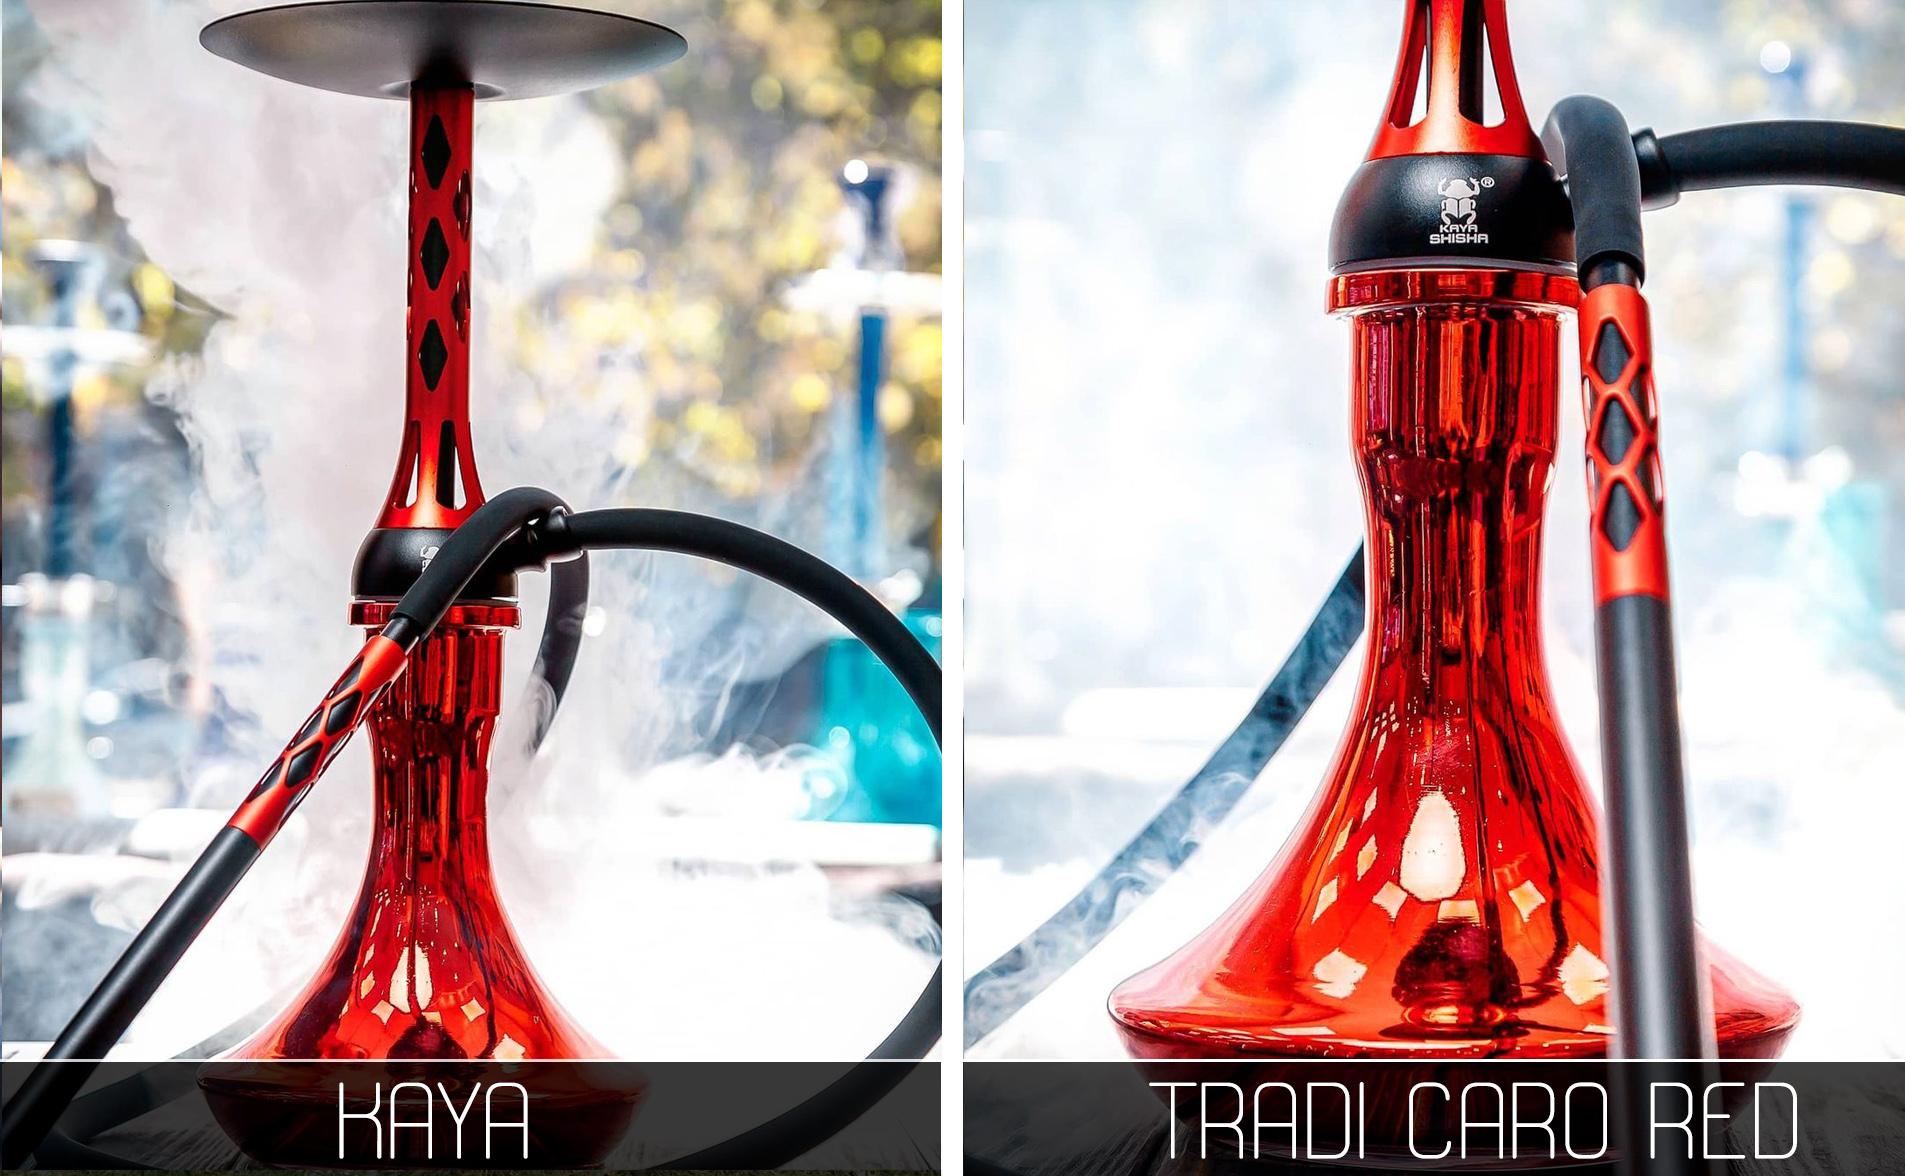 Кальян Kaya Tradi Caro Red - фото 4 - Kalyanchik.ua